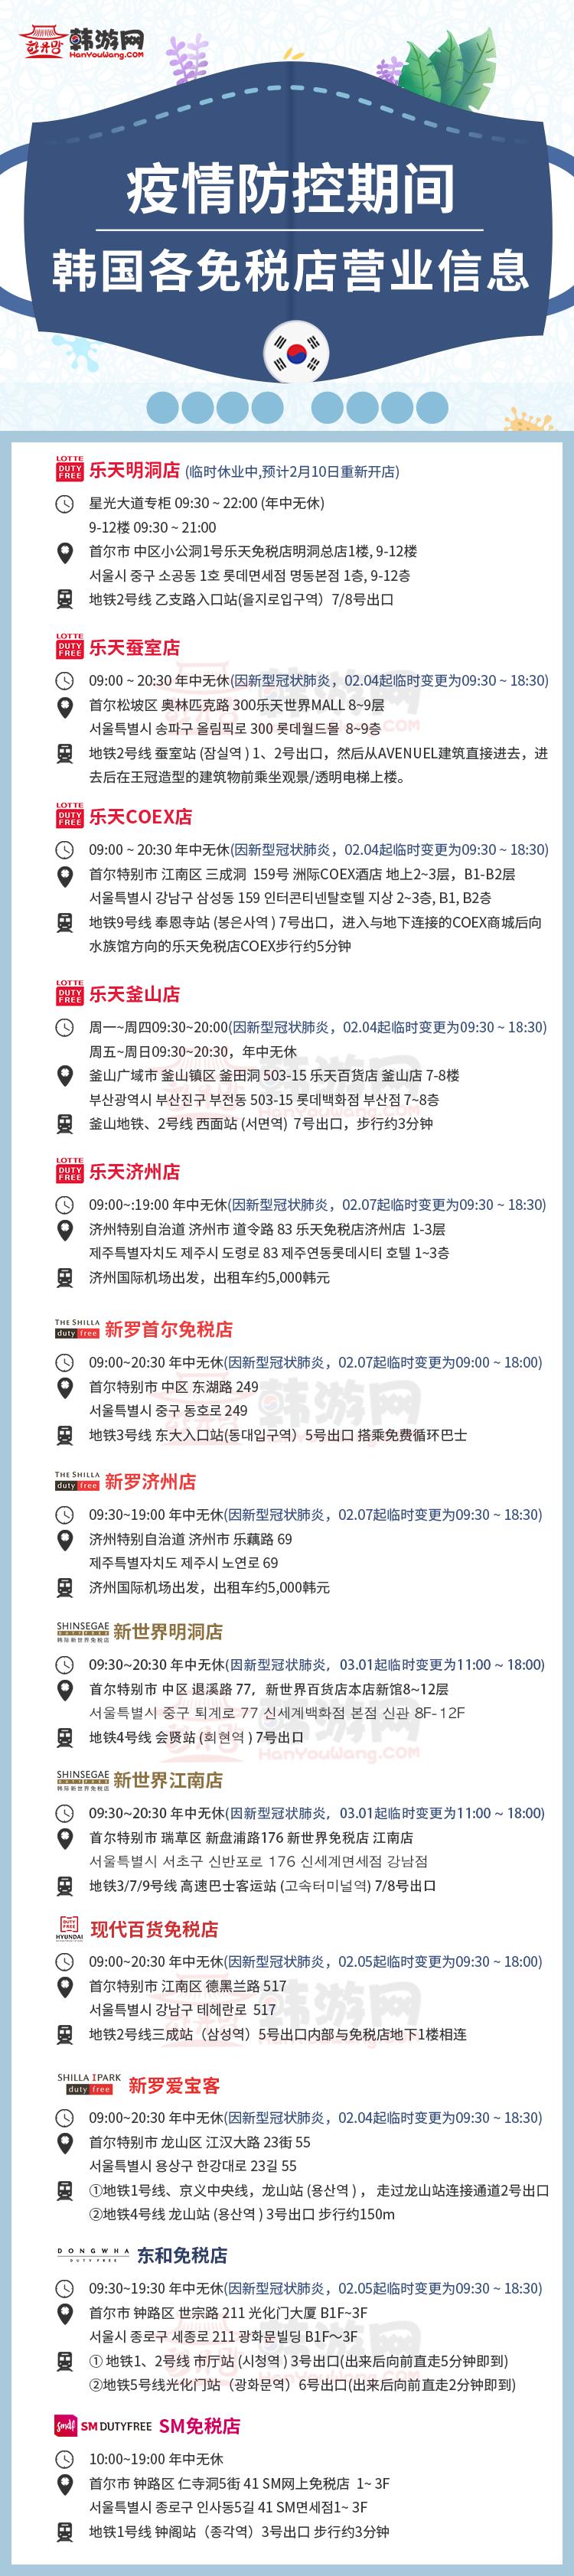 免税店基本信息整理图--韩游网0301.png